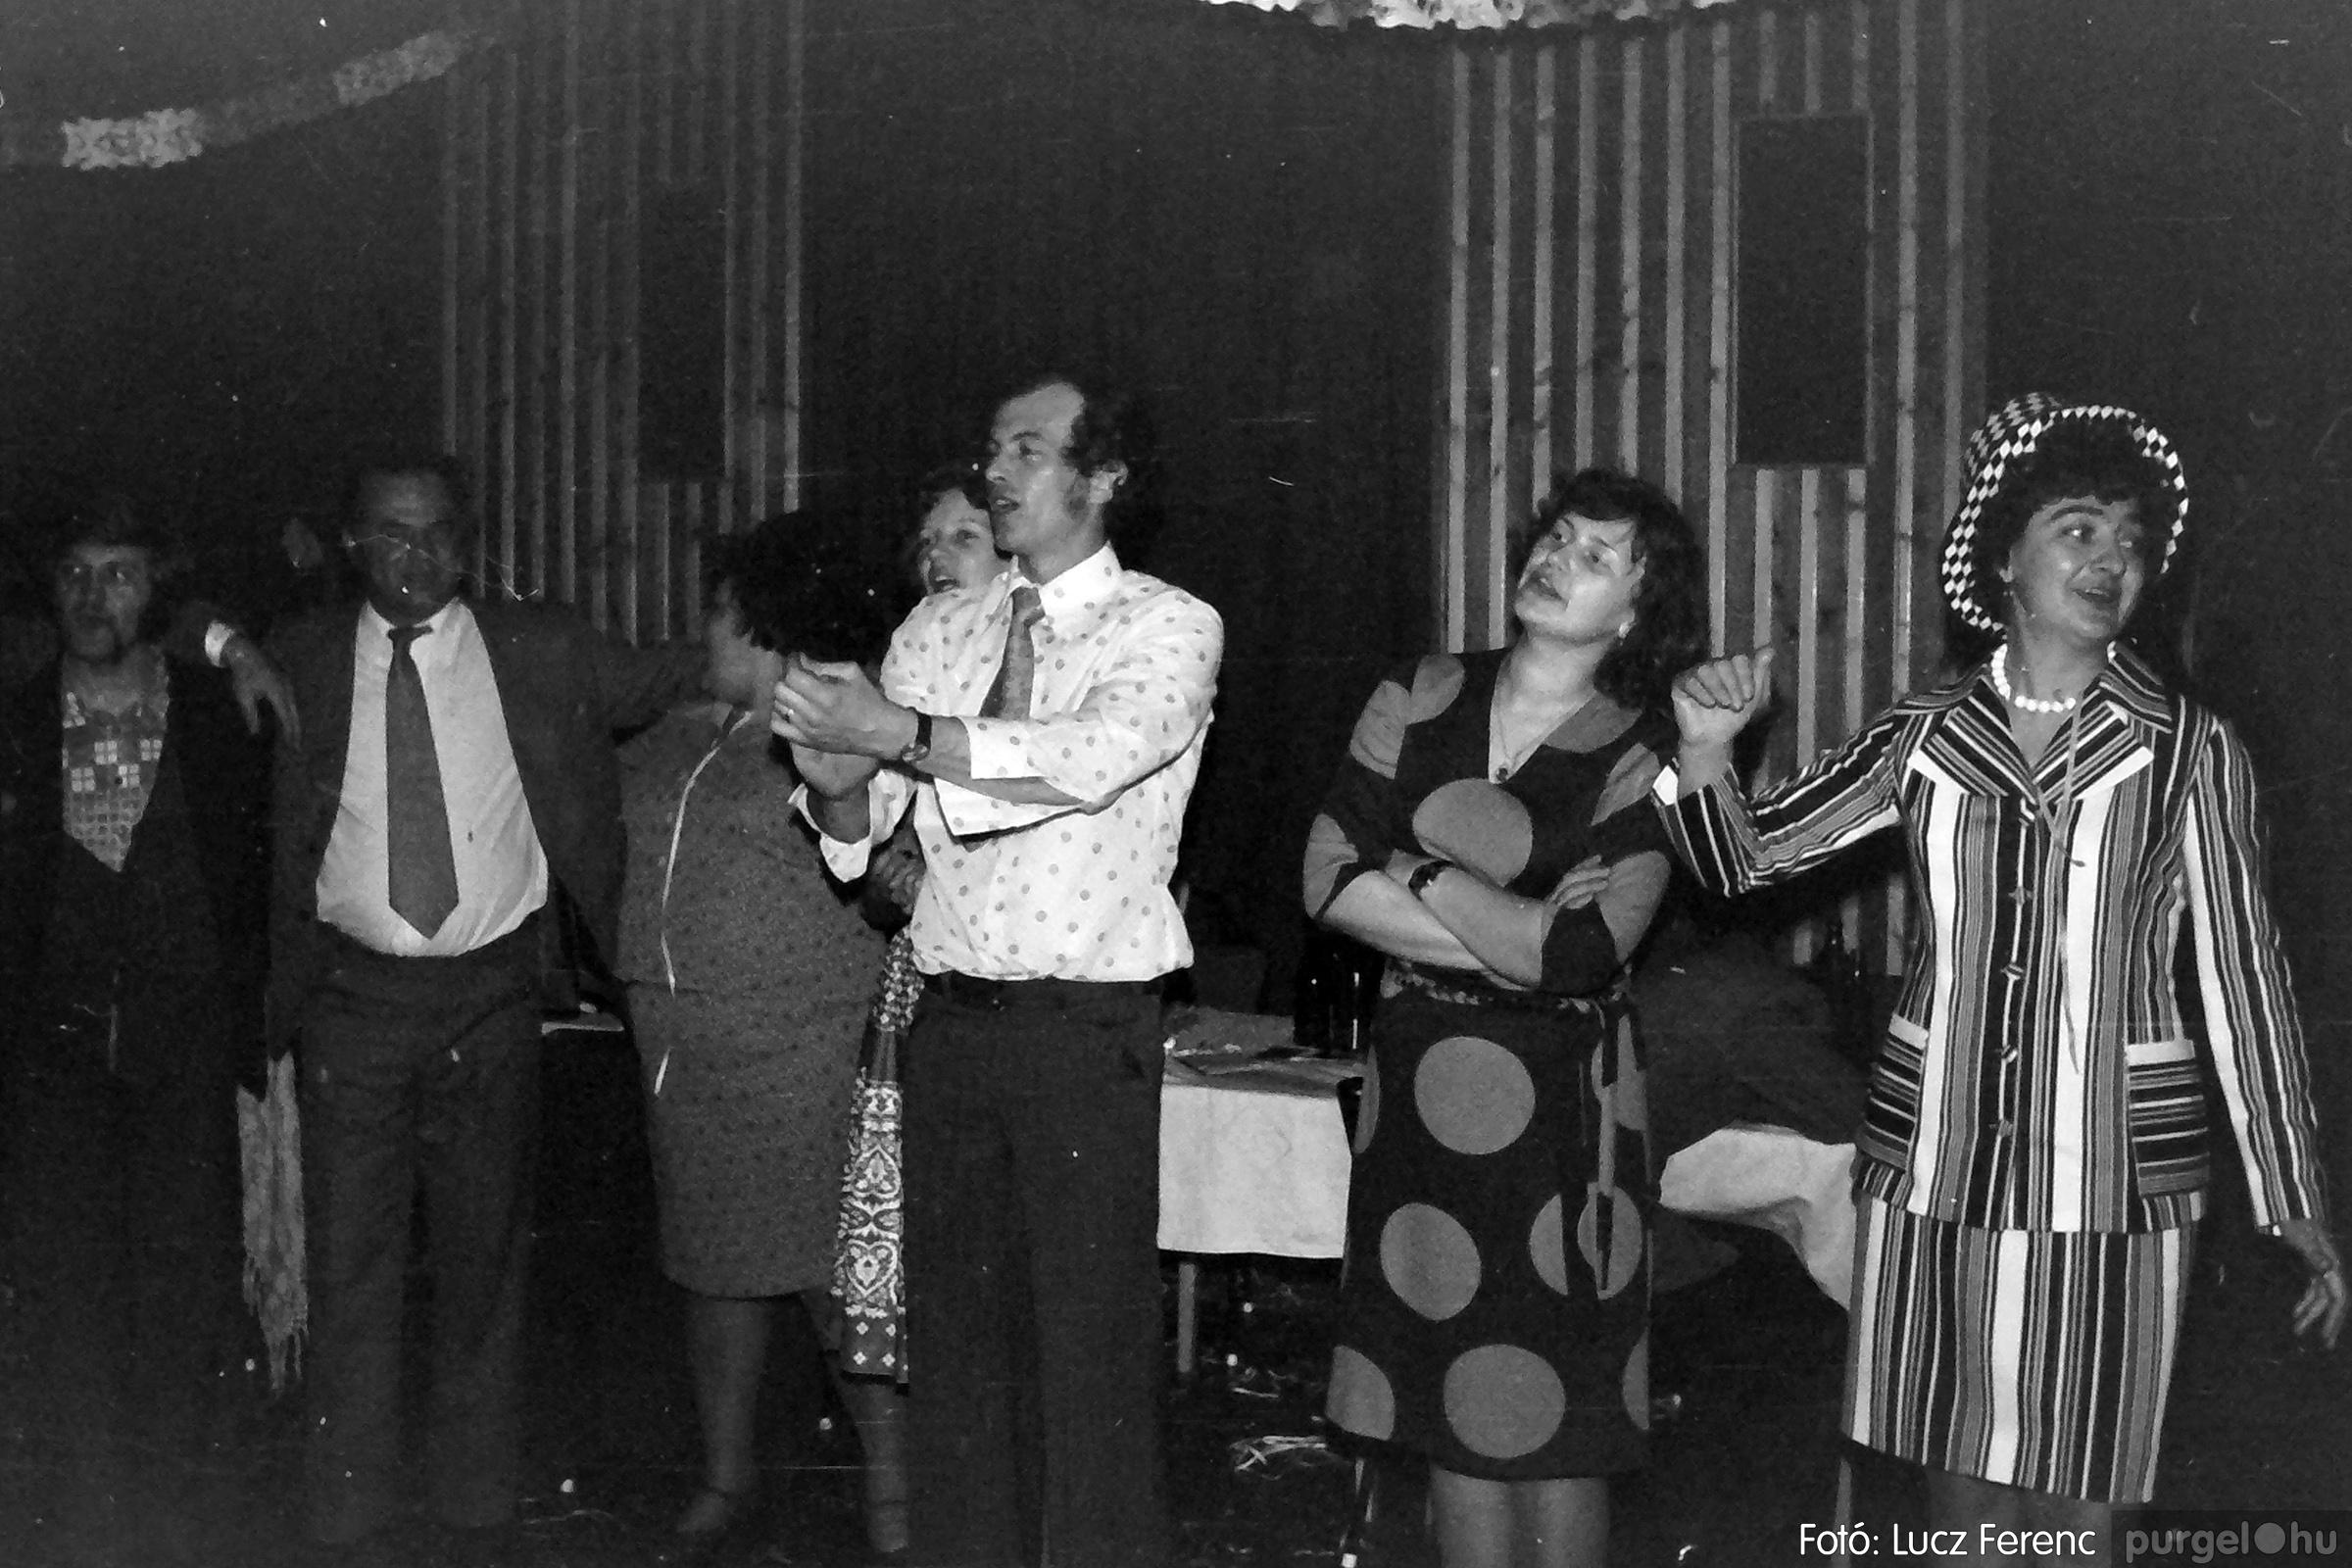 070. 1976.12.31. Szilveszter a kultúrházban 005. - Fotó: Lucz Ferenc.jpg